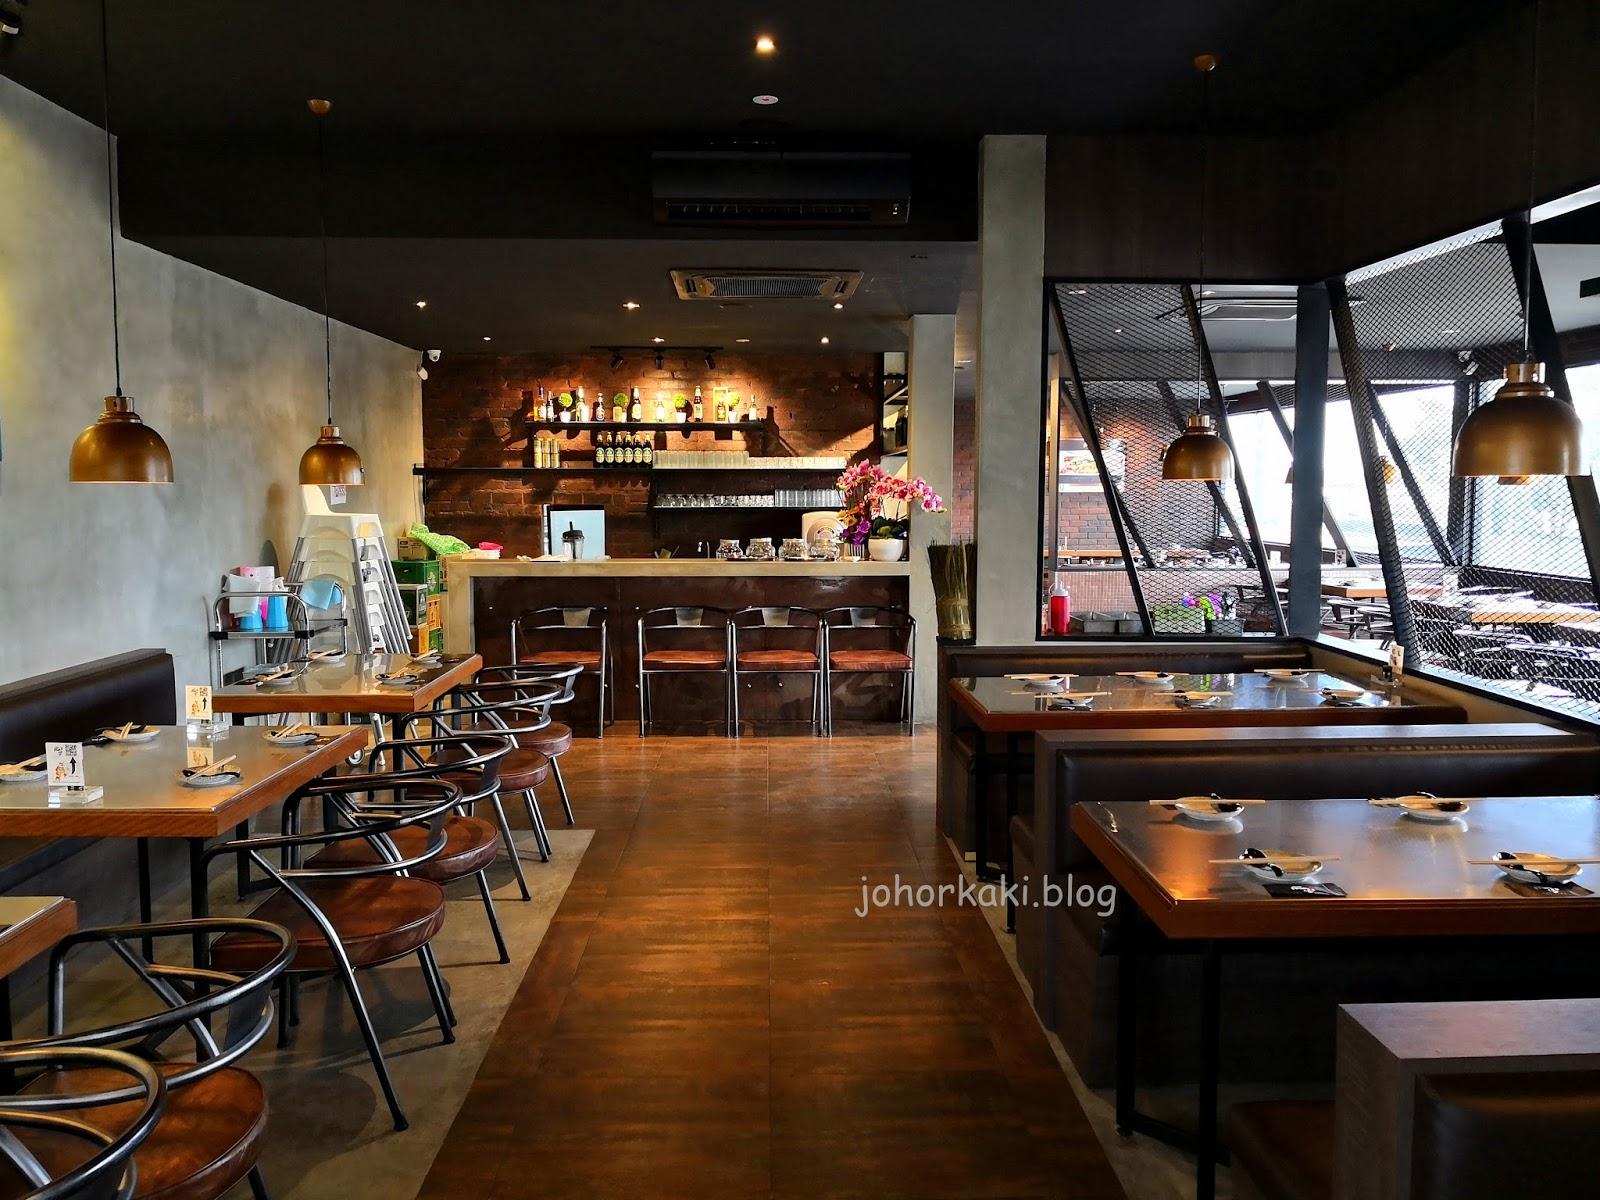 Jb Cafe Near Ksl